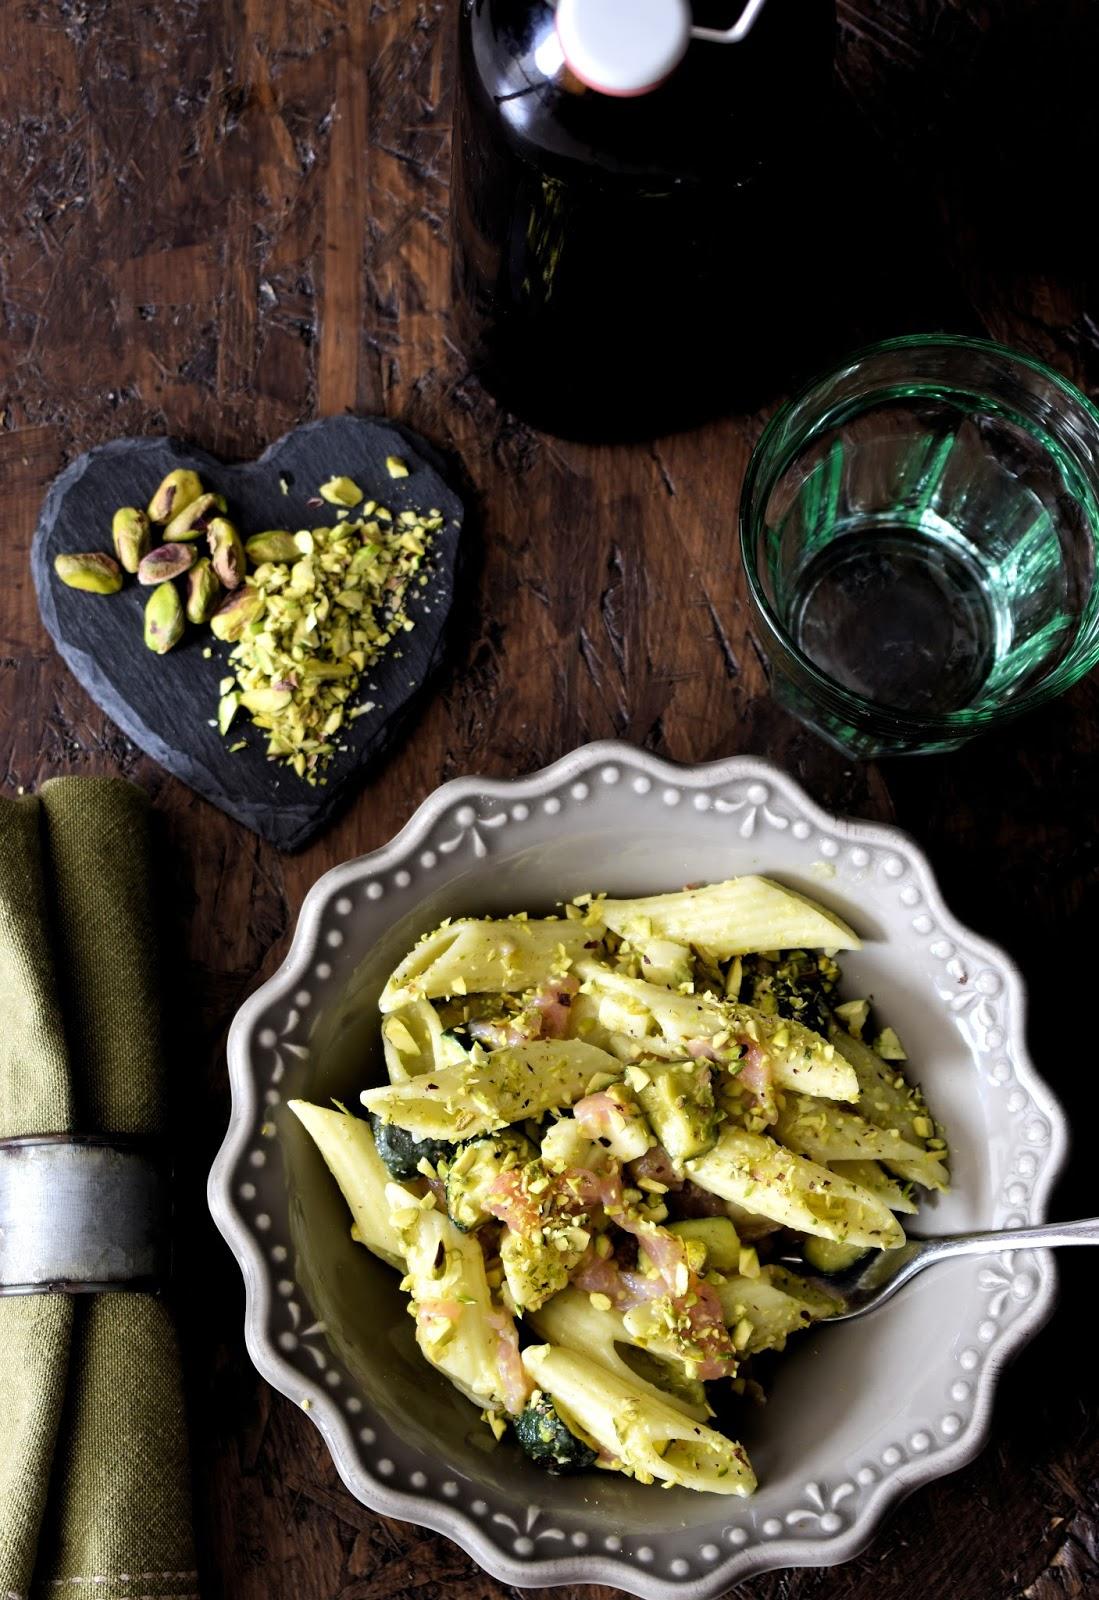 Pasta fredda con pesto di pistacchio, salmone affumicato, scamorza e zucchine grigliate